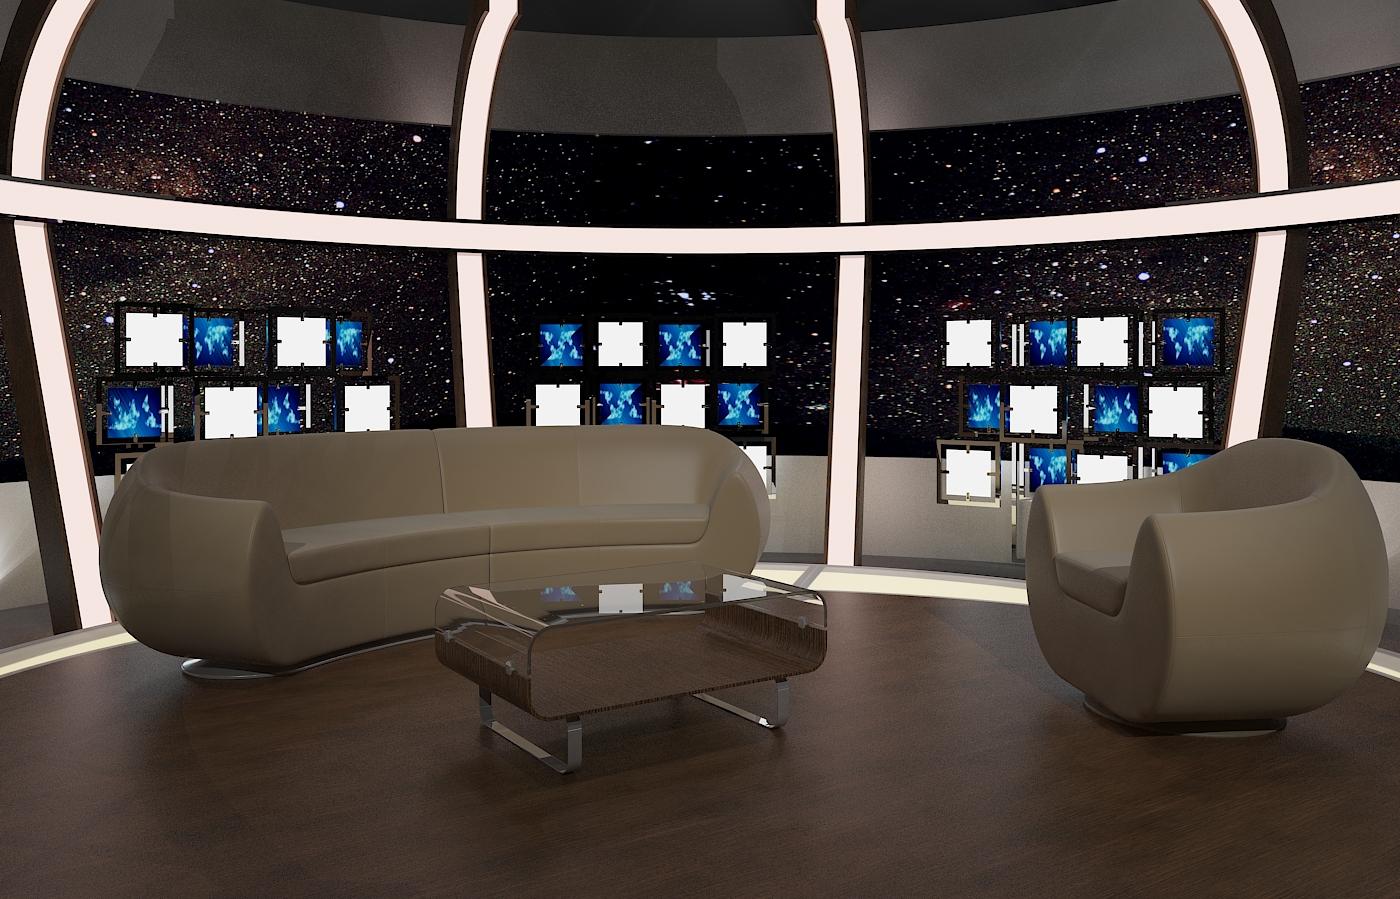 Виртуал ТВ чат 20 3d загвар max dxf fbx obj 207156-ийг тохируулж байна